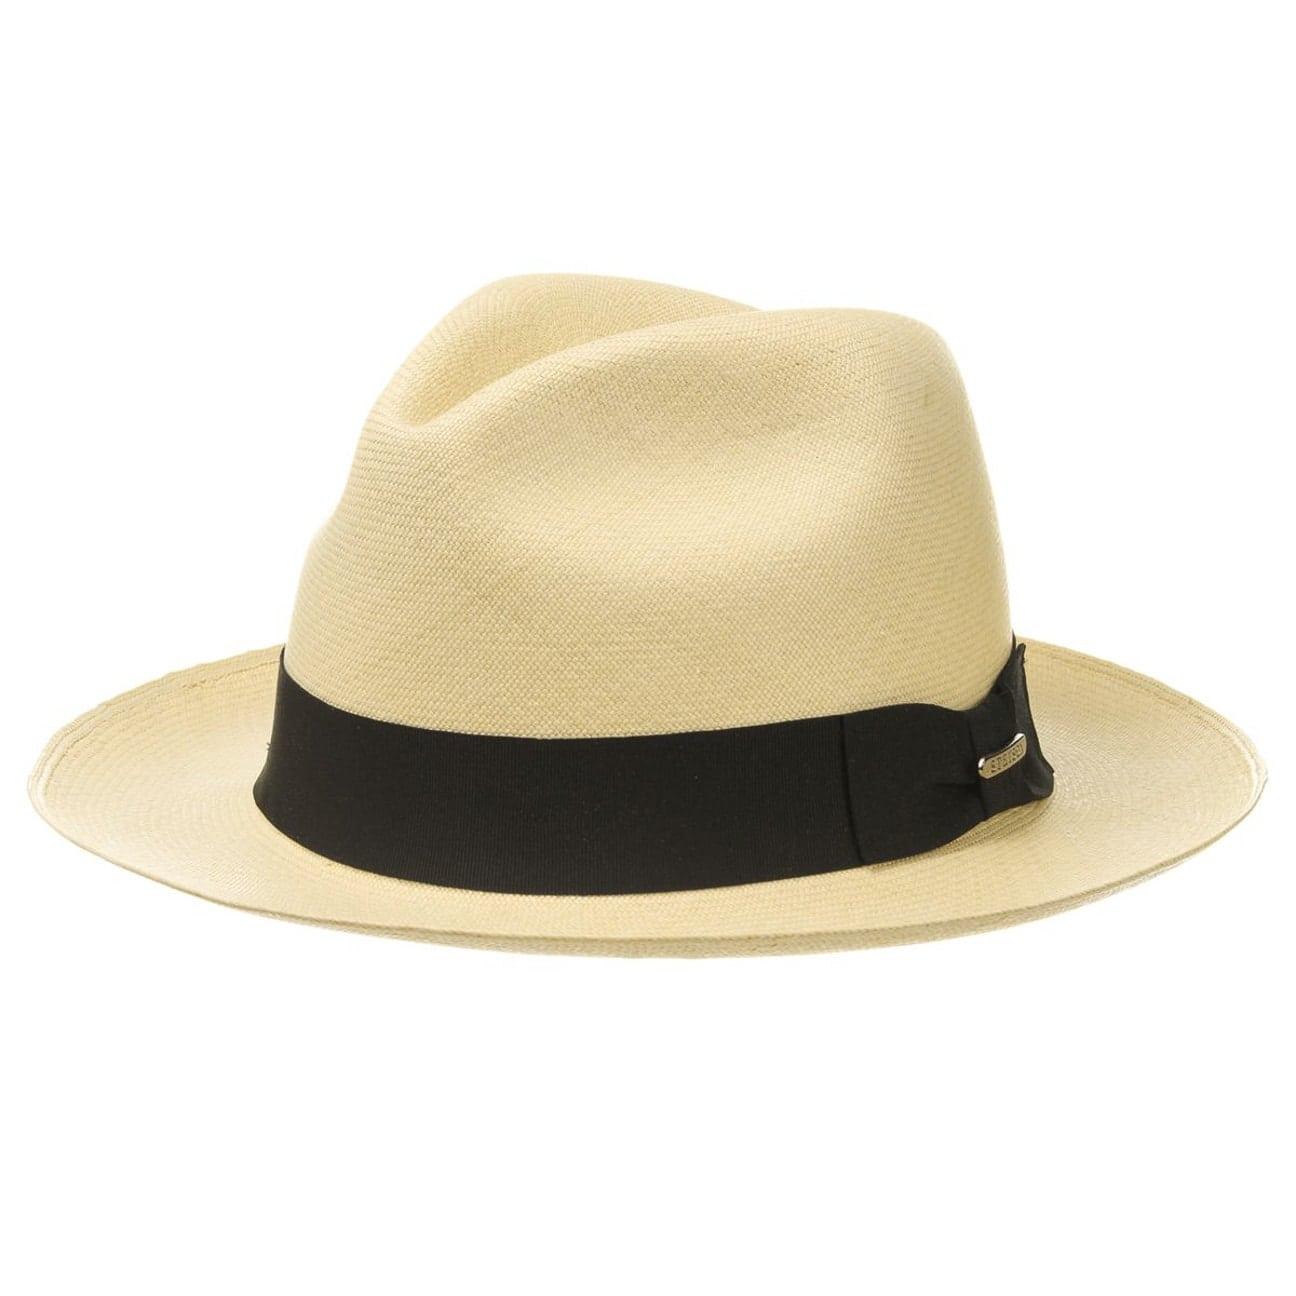 Sombero de Paja Panam? Norwell by Stetson  sombreros de paja